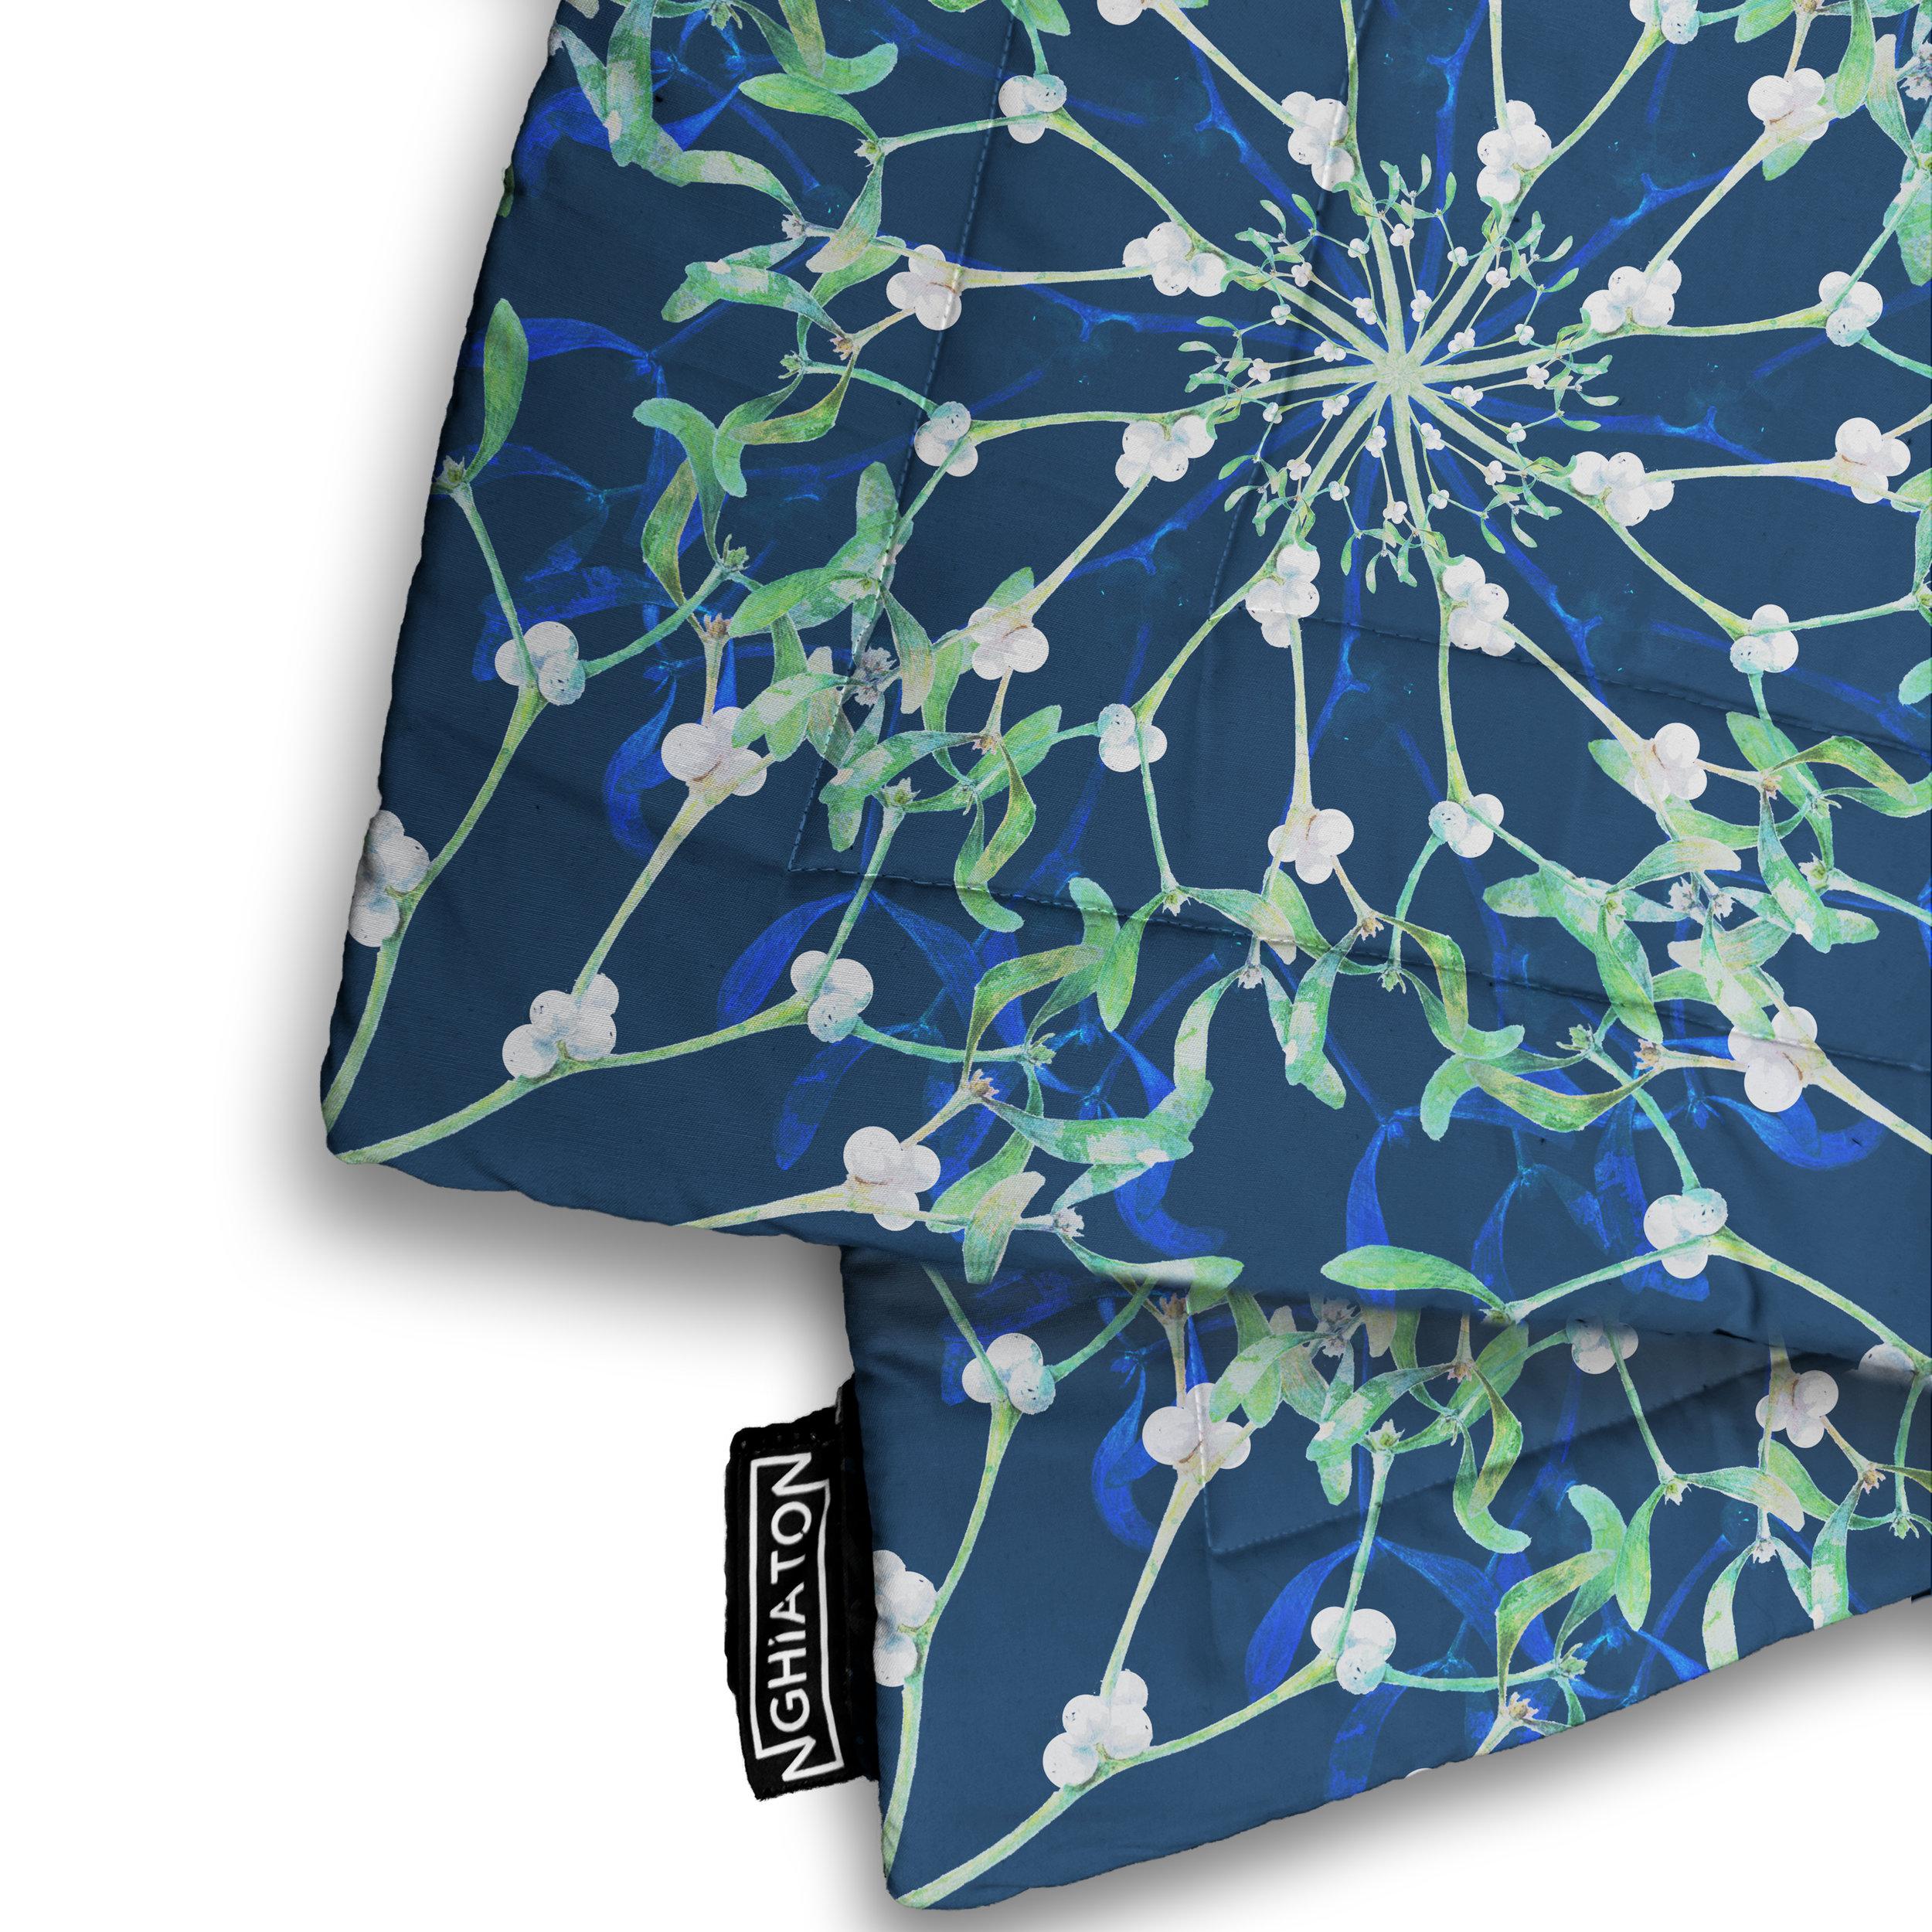 Mistletoe Blanket v2.jpg